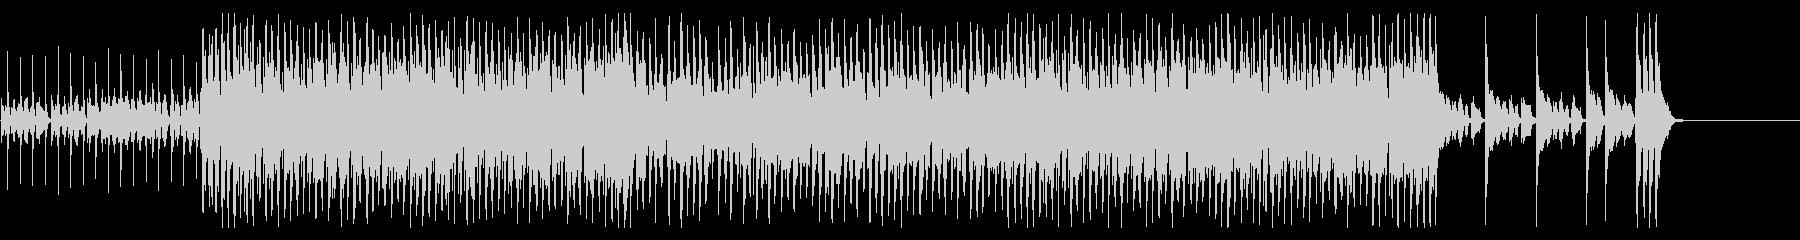 ジャズ系アップテンポのシャッフル曲の未再生の波形